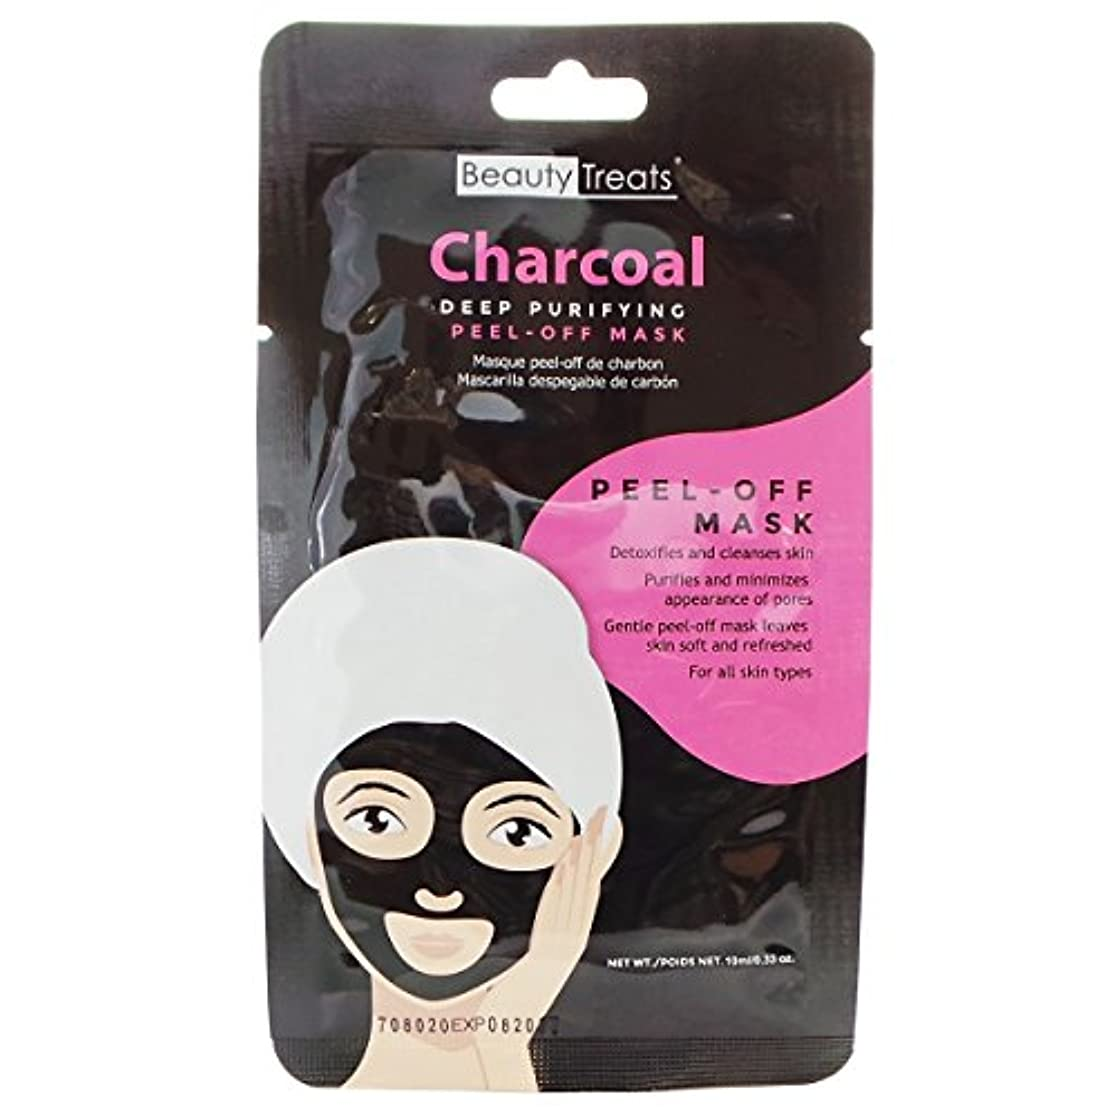 横向きタイト慎重にBEAUTY TREATS Deep Purifying Peel-Off Charcoal Mask (並行輸入品)